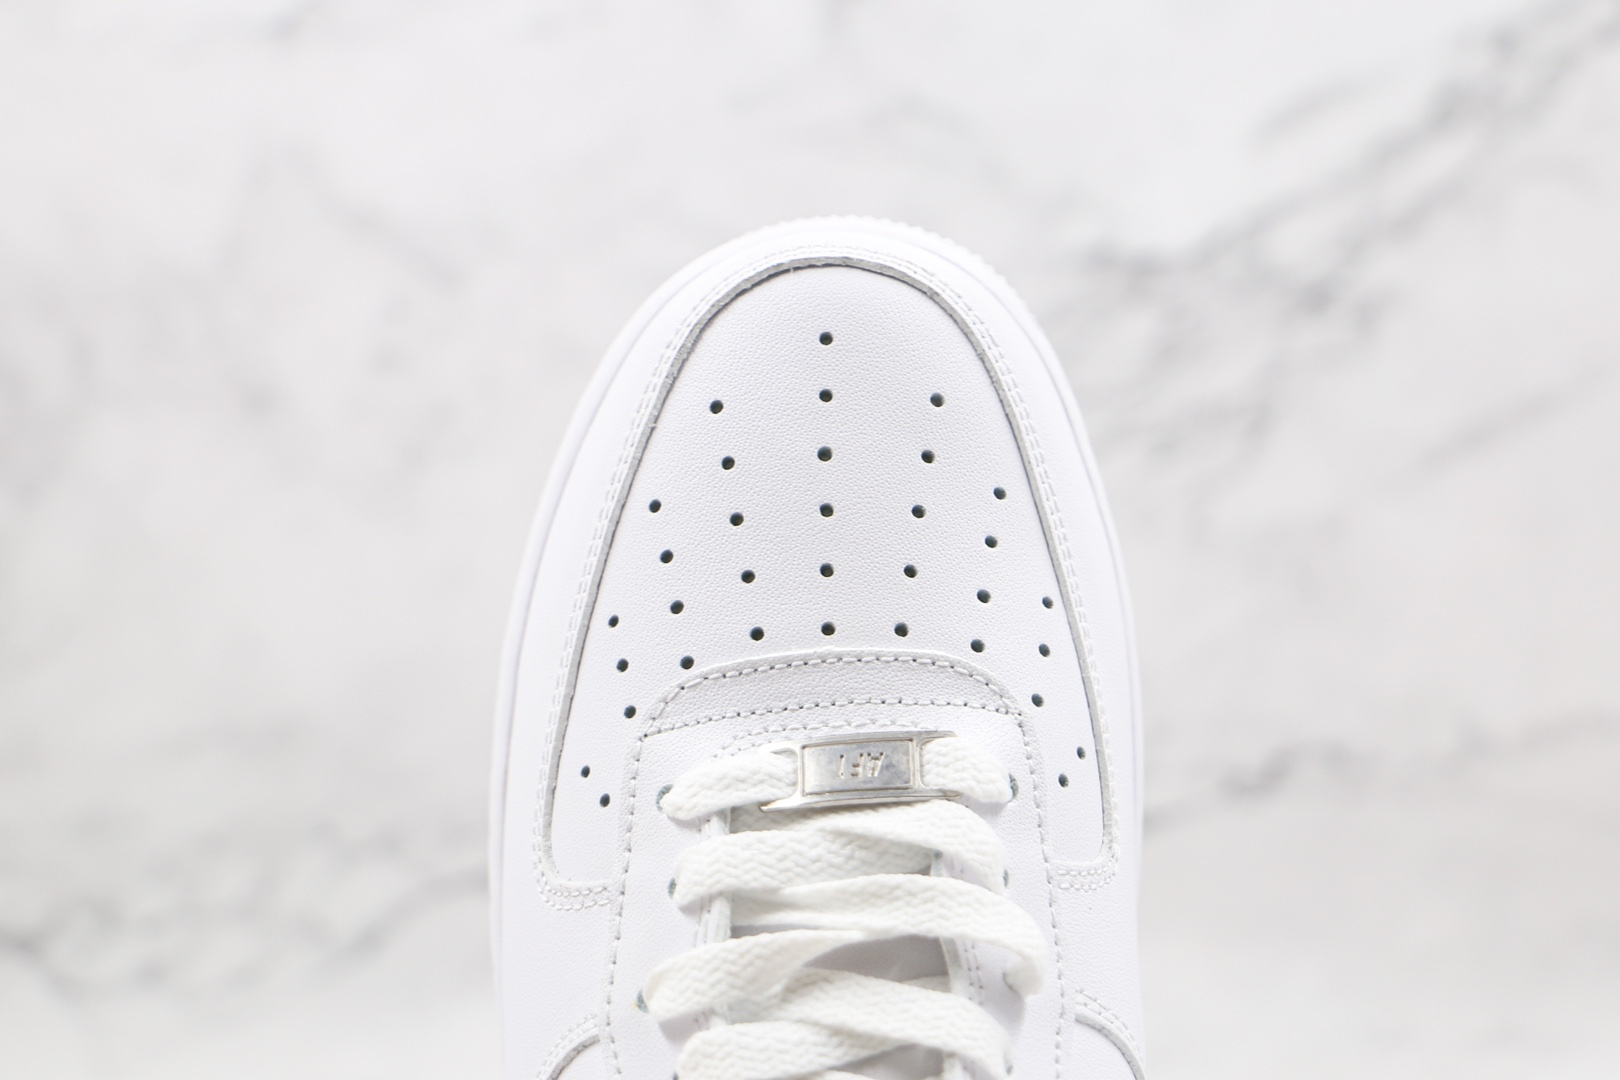 耐克Nike Air Force 1 Low'07纯原版本低帮空军一号白红蓝色鸳鸯浪花水滴板鞋内置气垫 货号:CW2288-111